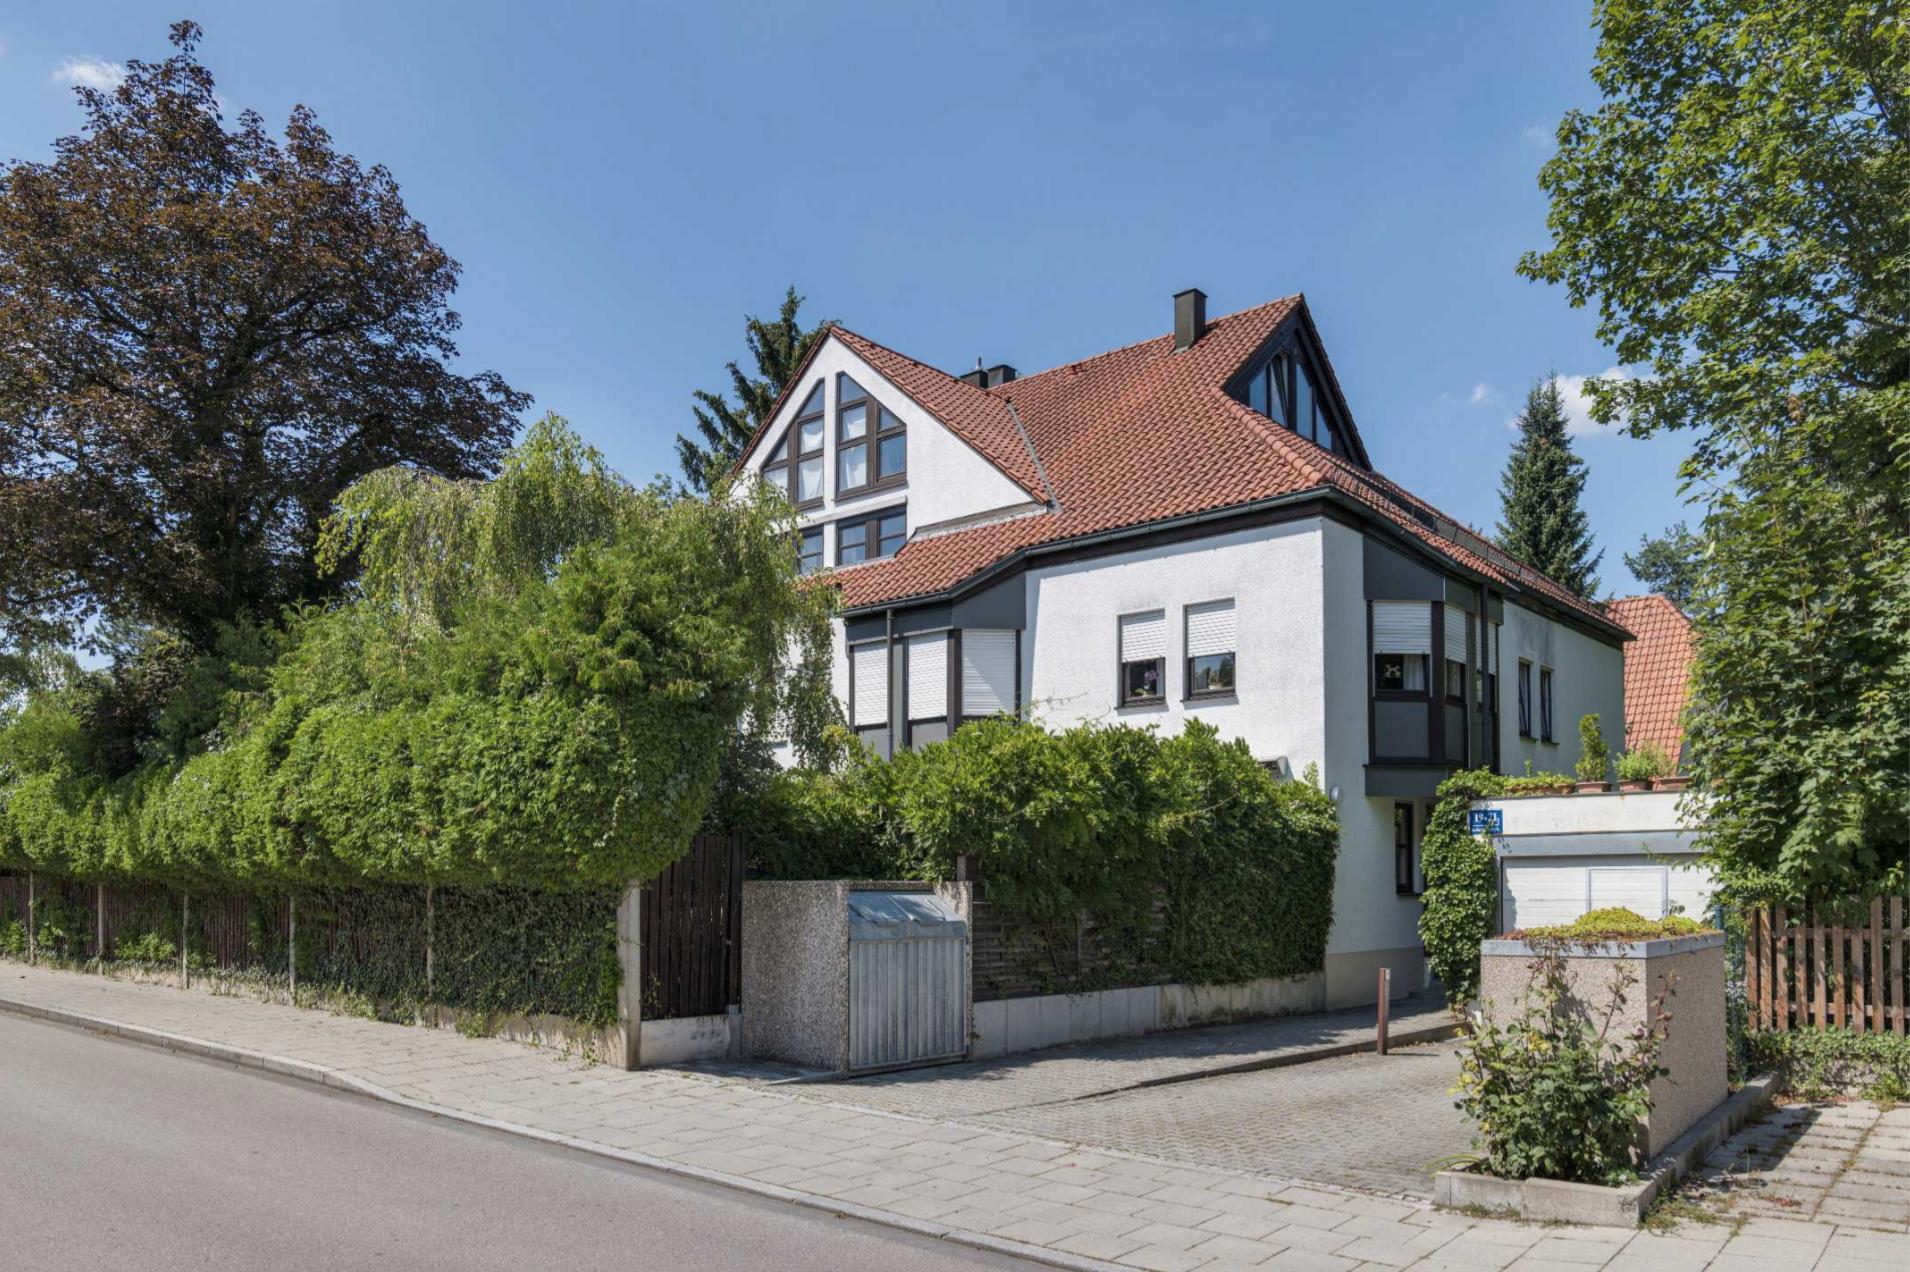 Sanierte 3-Zimmer-Gartenwohnung in Solln mit Garage in Solln (München)